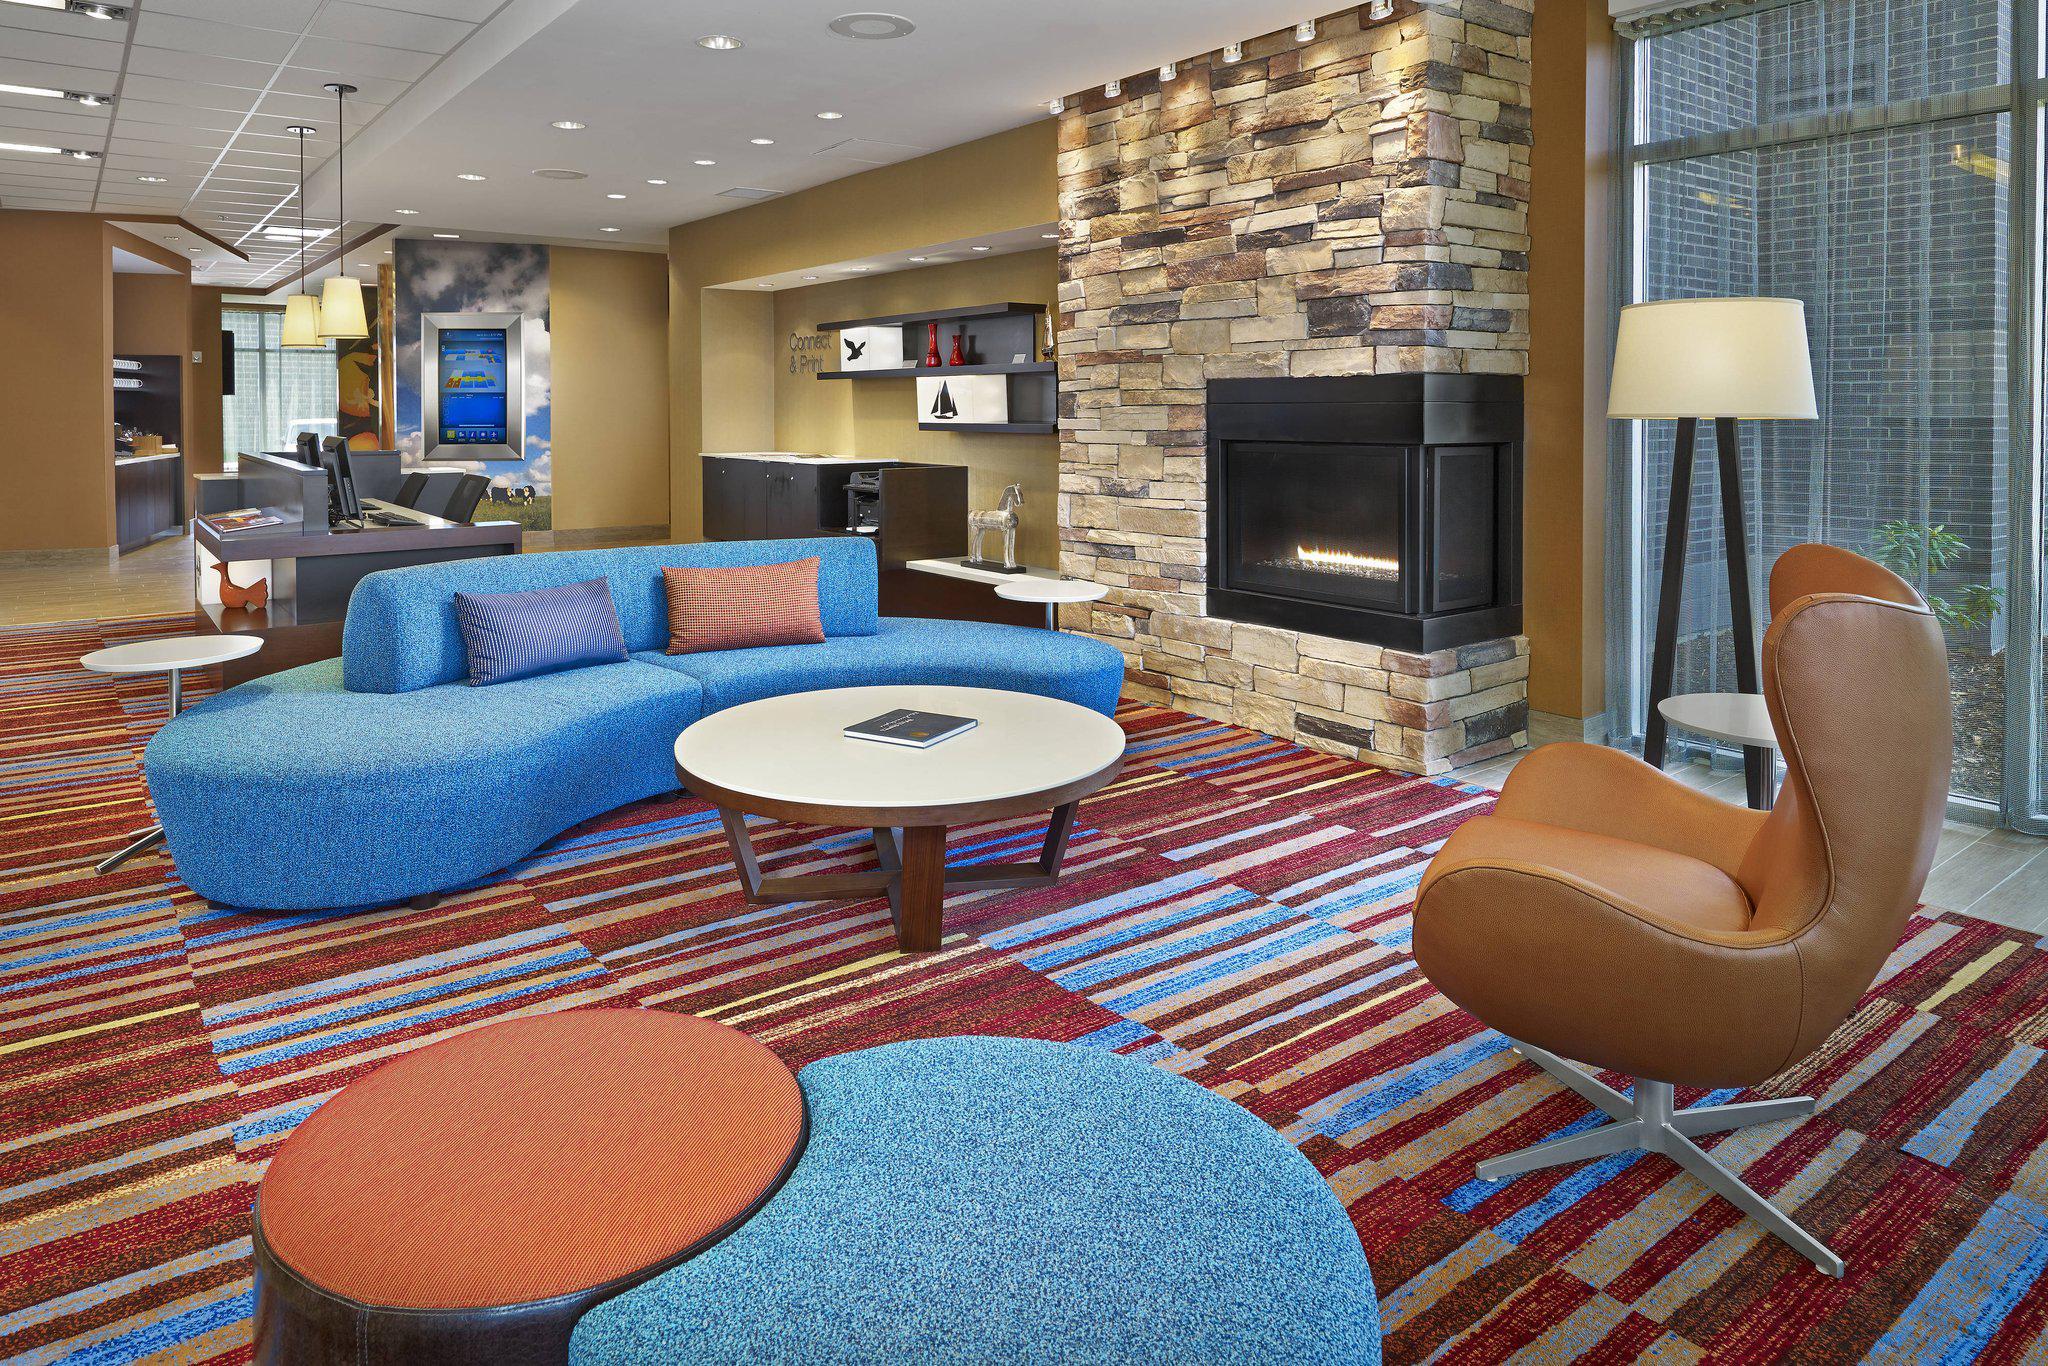 Fairfield Inn & Suites by Marriott St. John's Newfoundland à St. John's